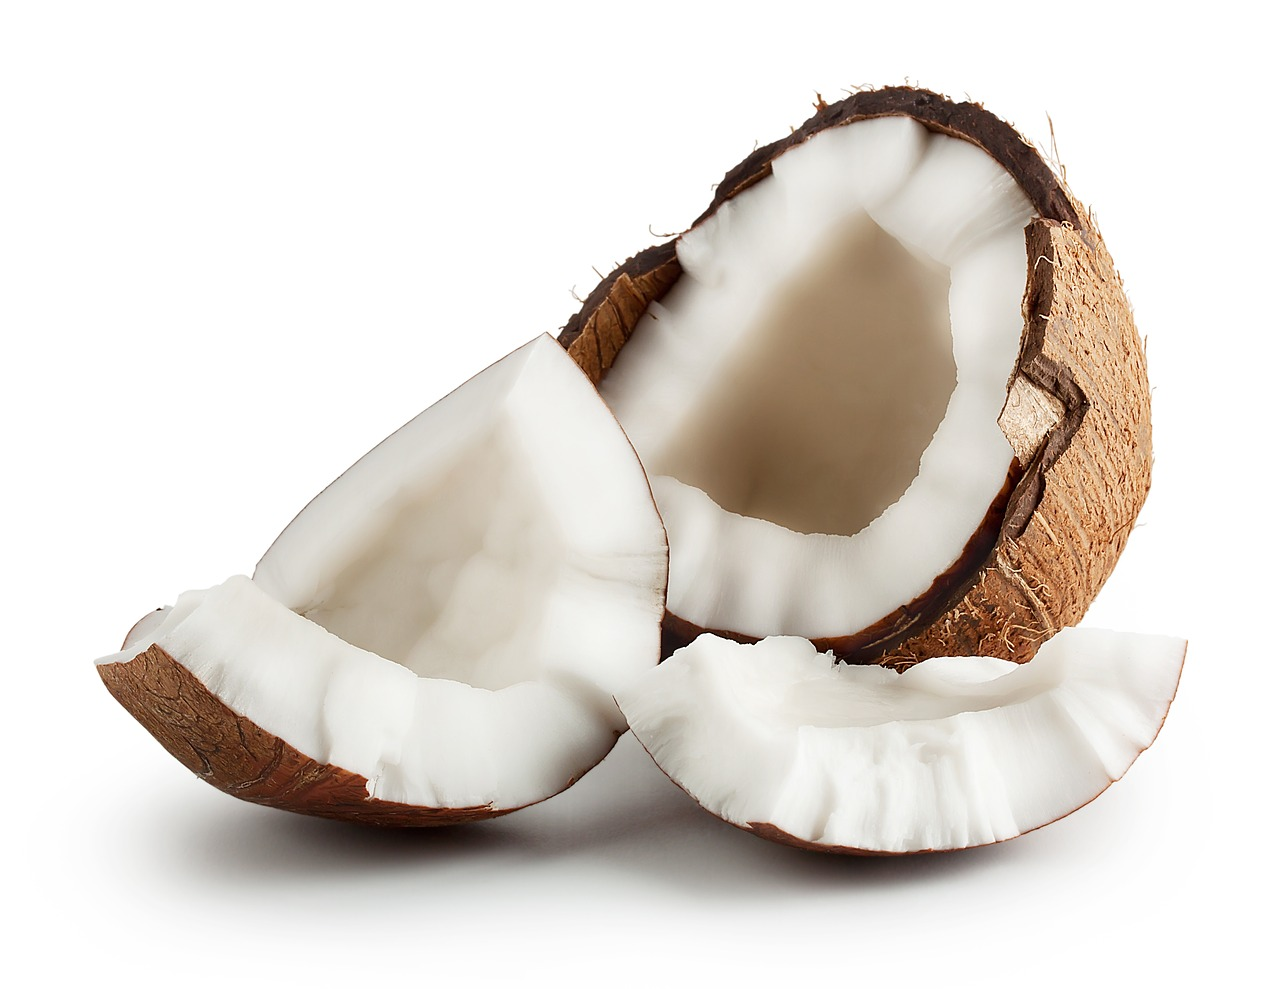 코코넛 사진